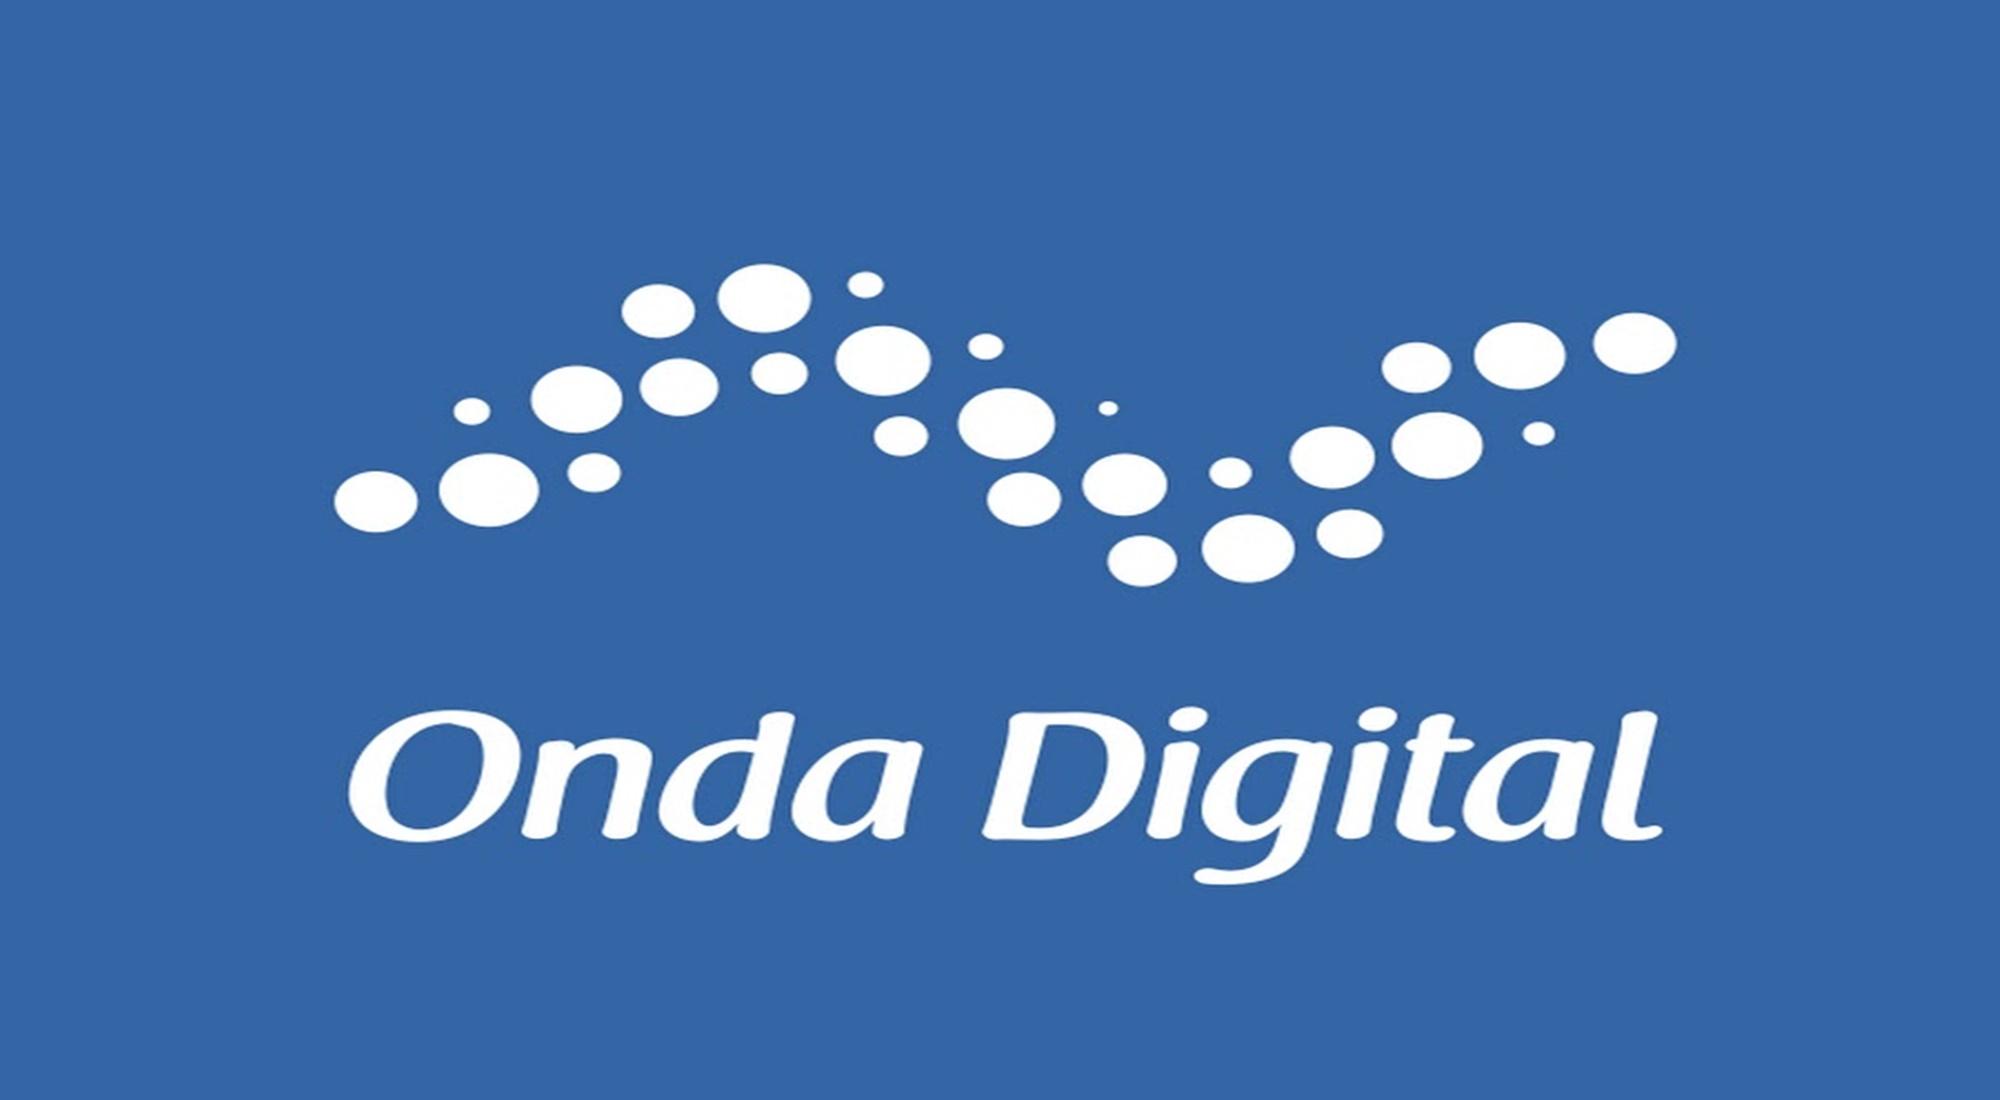 Grupo de Pesquisa e Extensão Onda Digital prorroga seleção de bolsistas e voluntários